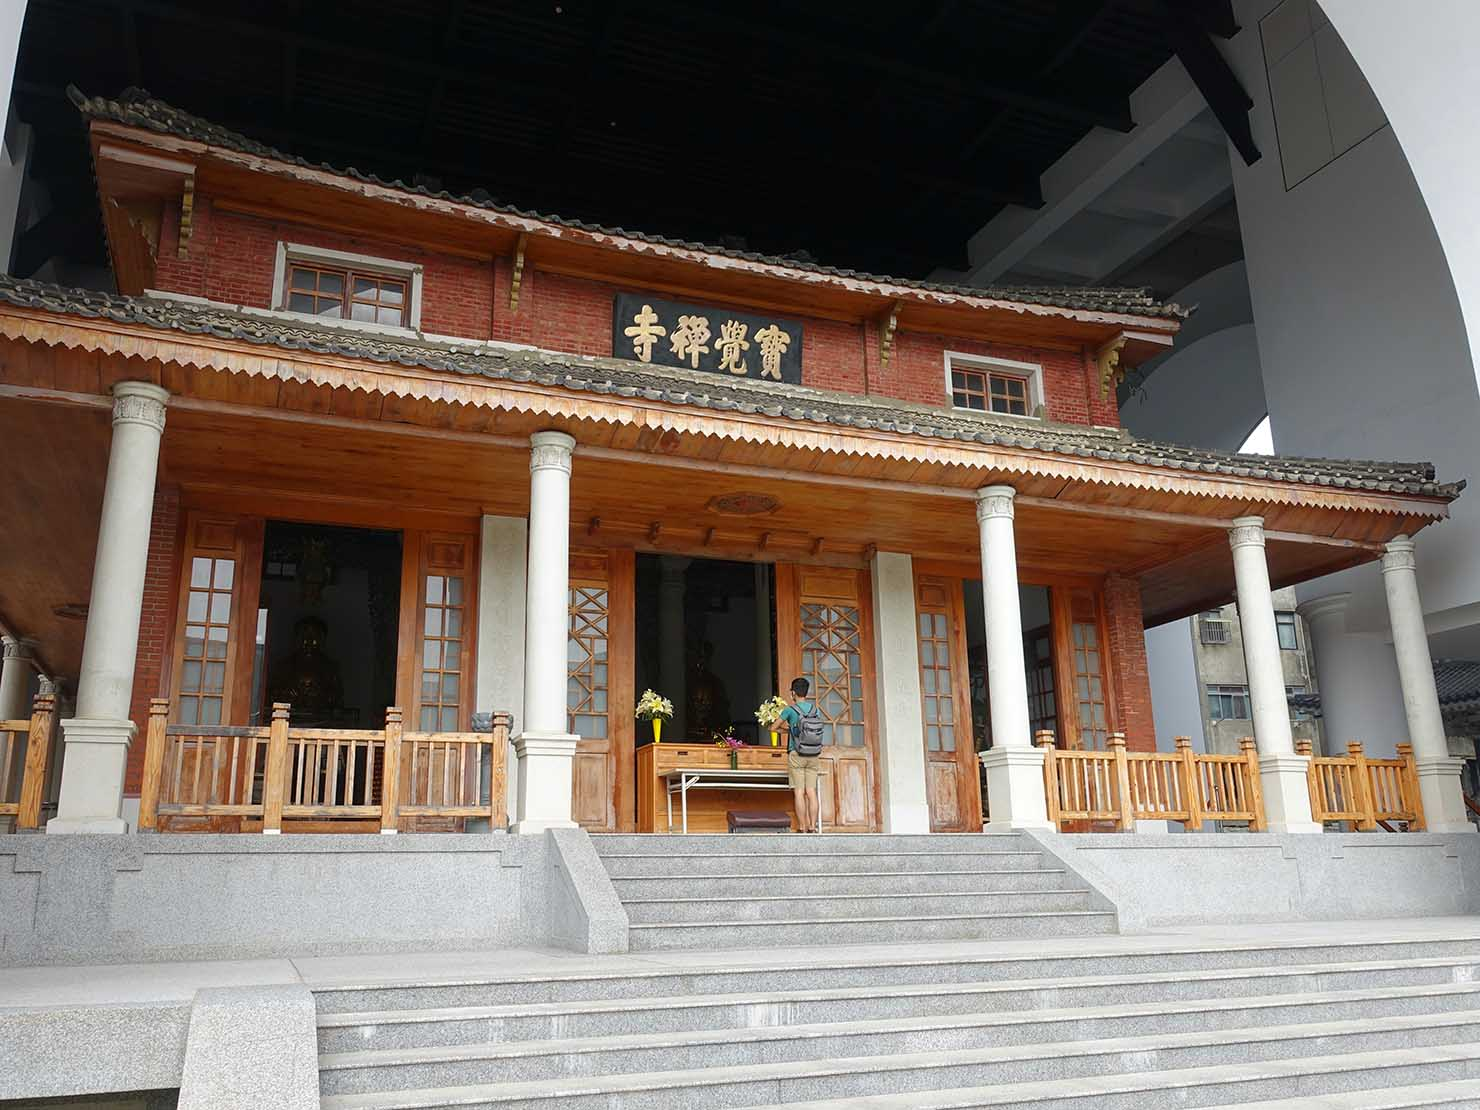 台中観光のおすすめスポット「寶覺寺」